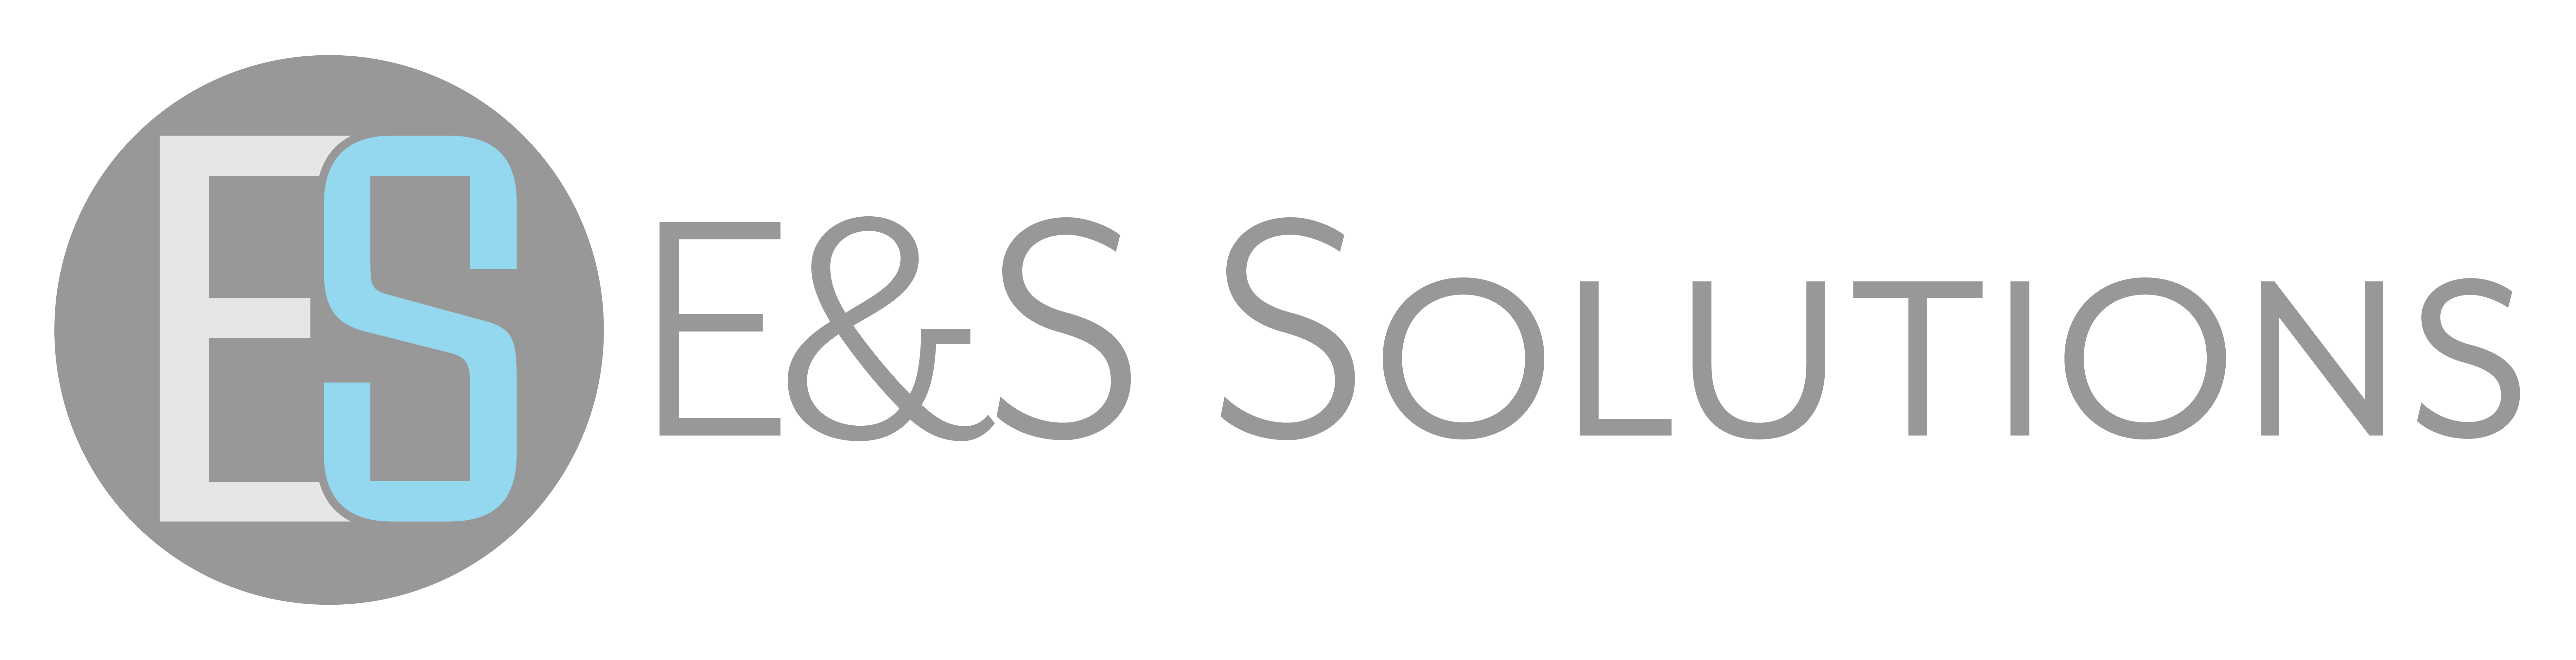 ES_logo_hires_large.png